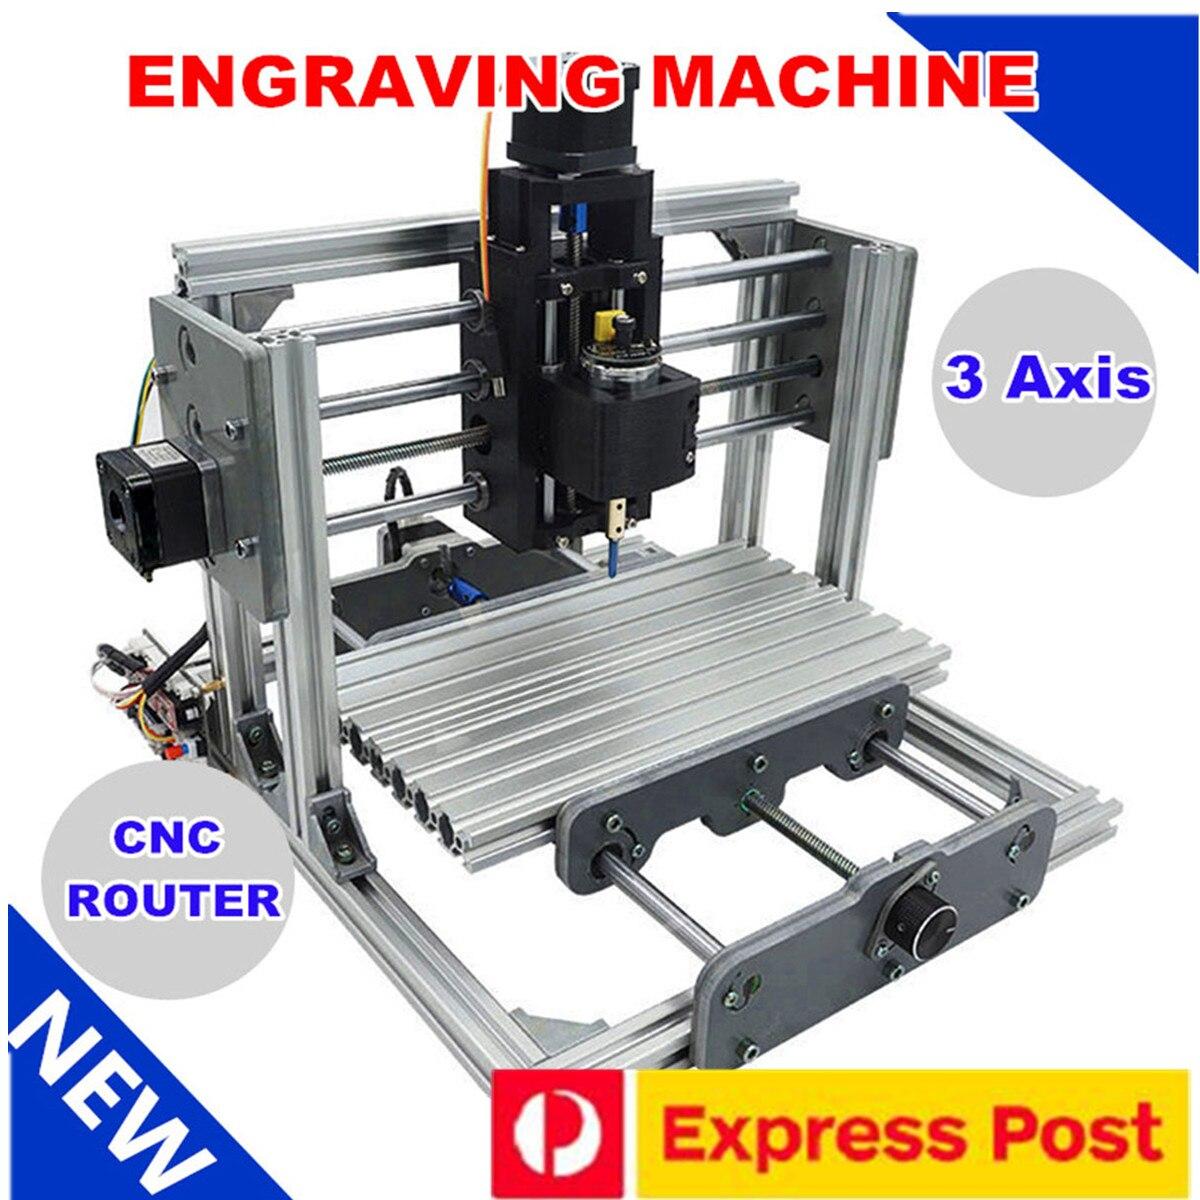 2417 3 axes Mini bricolage CNC routeur bois envie de gravure découpe fraisage bureau graveur Machine 240x170x65mm